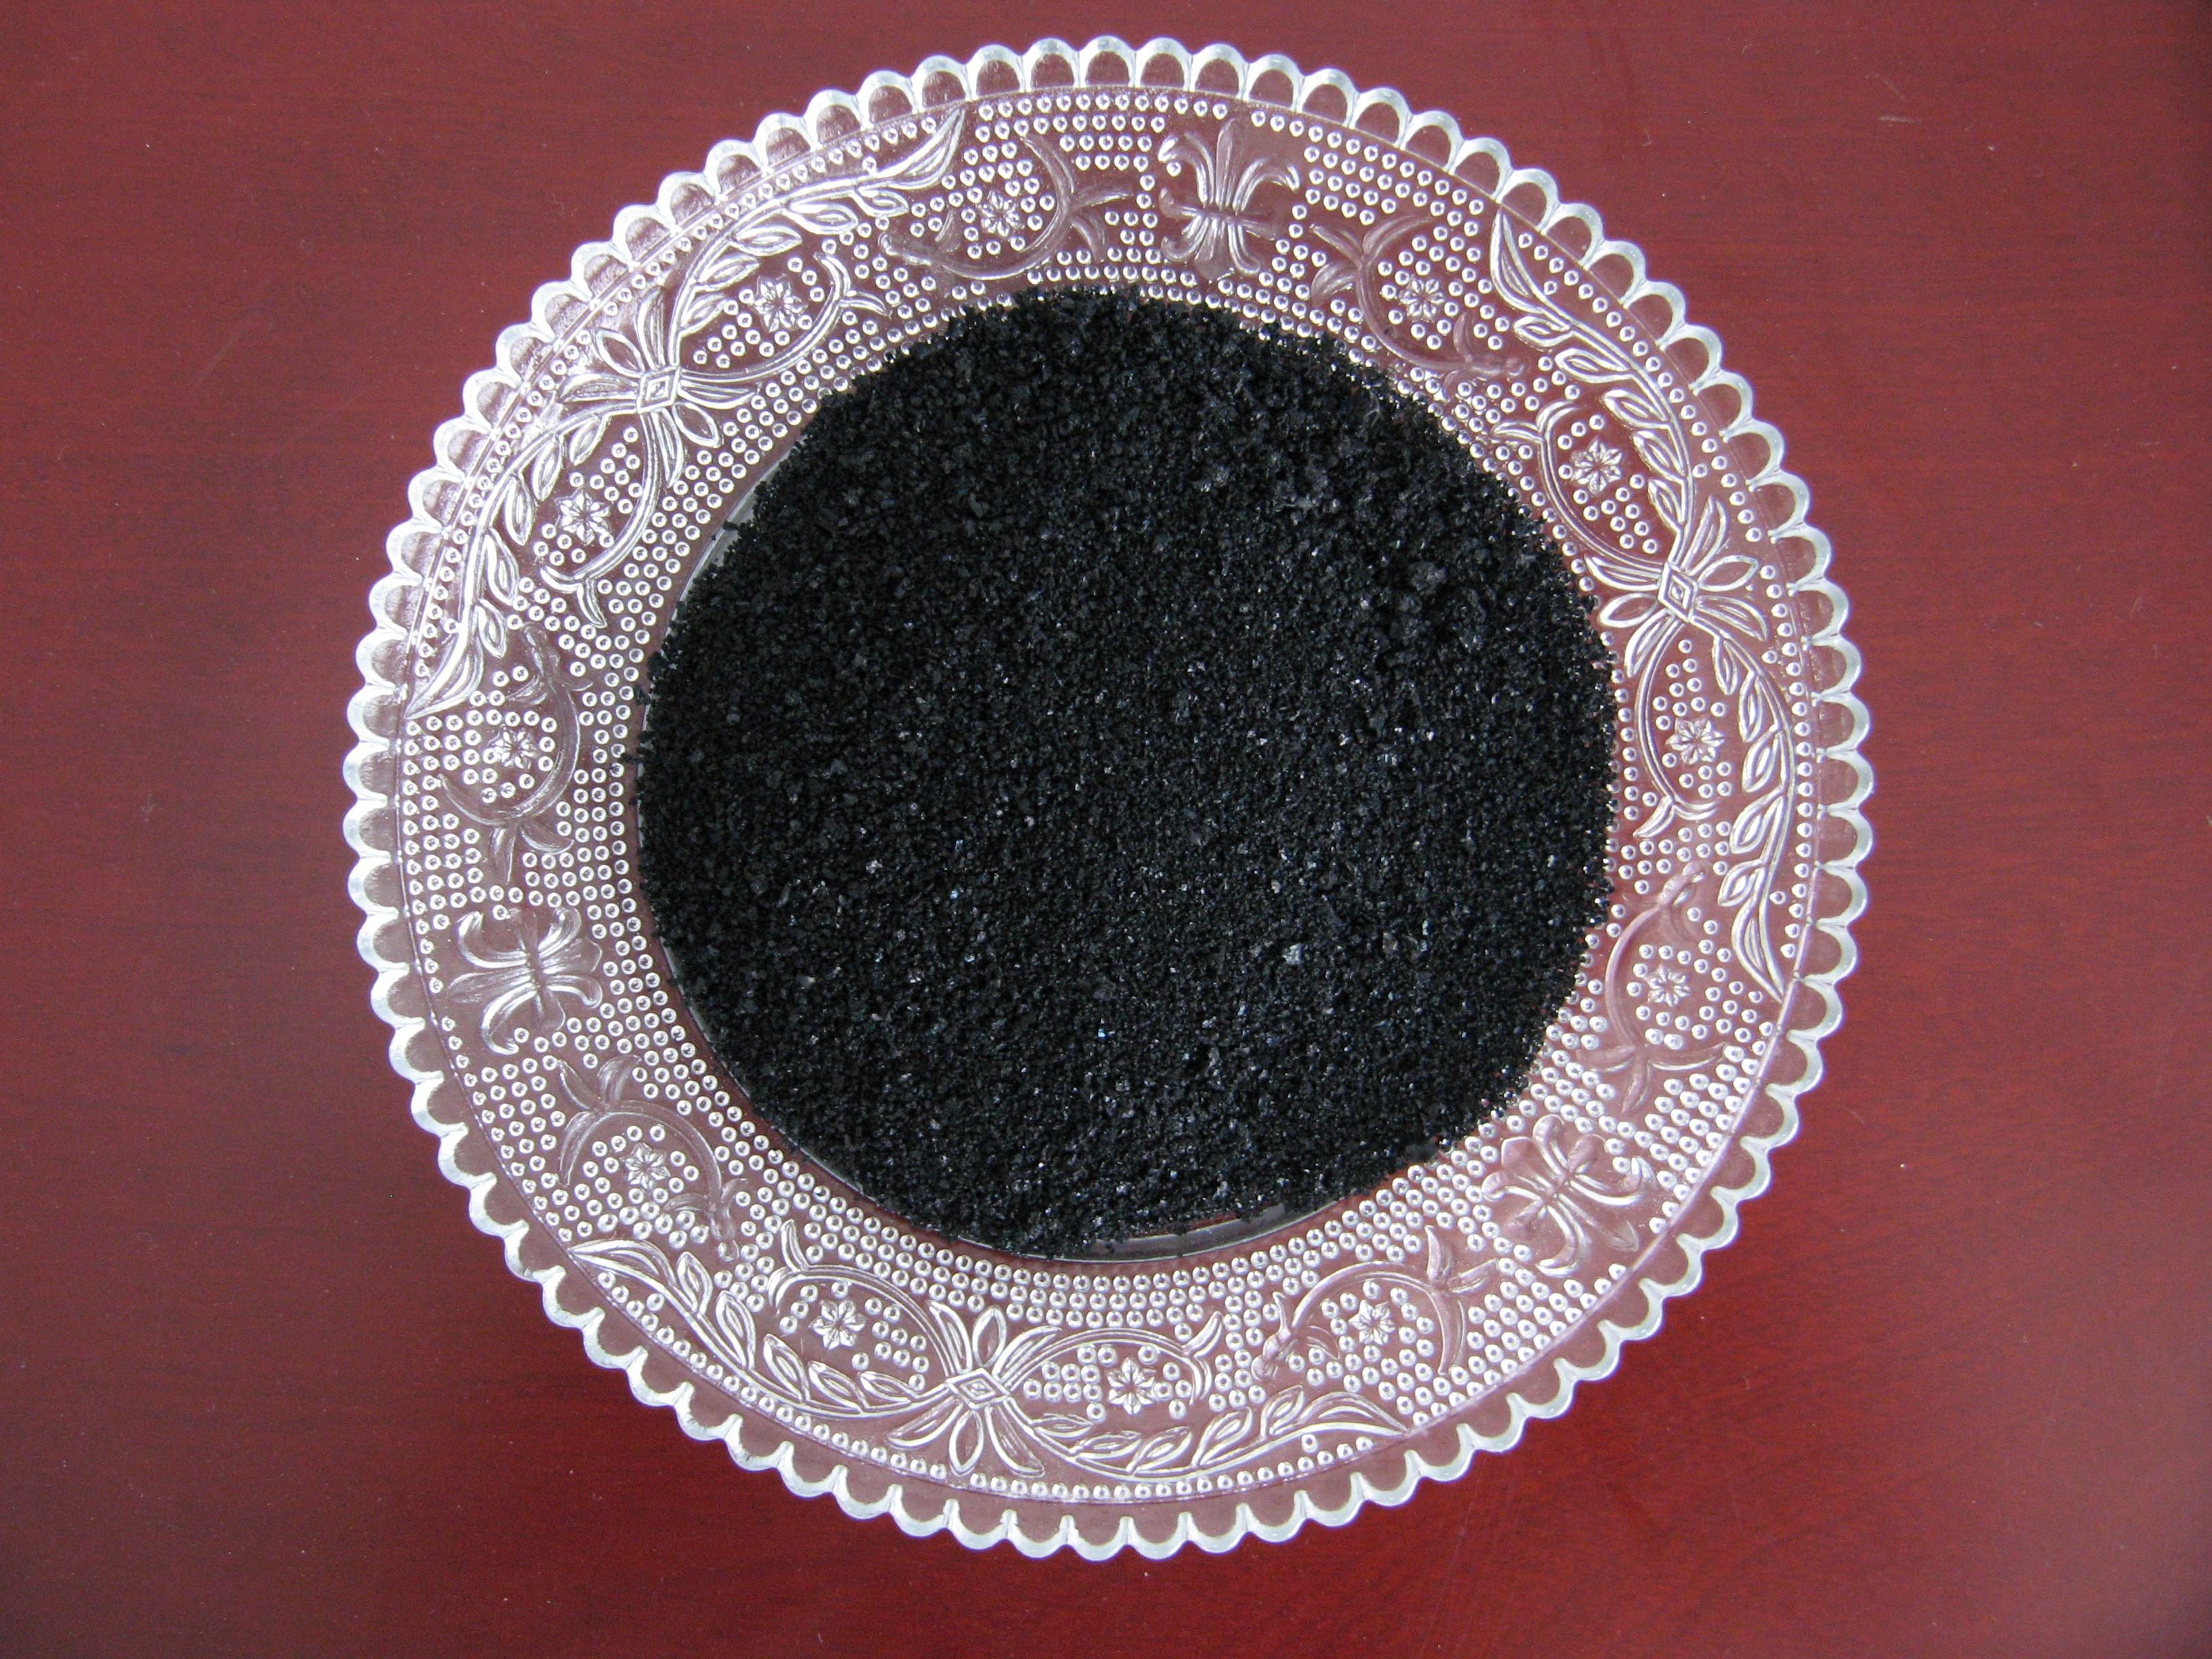 Sulphur Black BR 200% 180% 150%